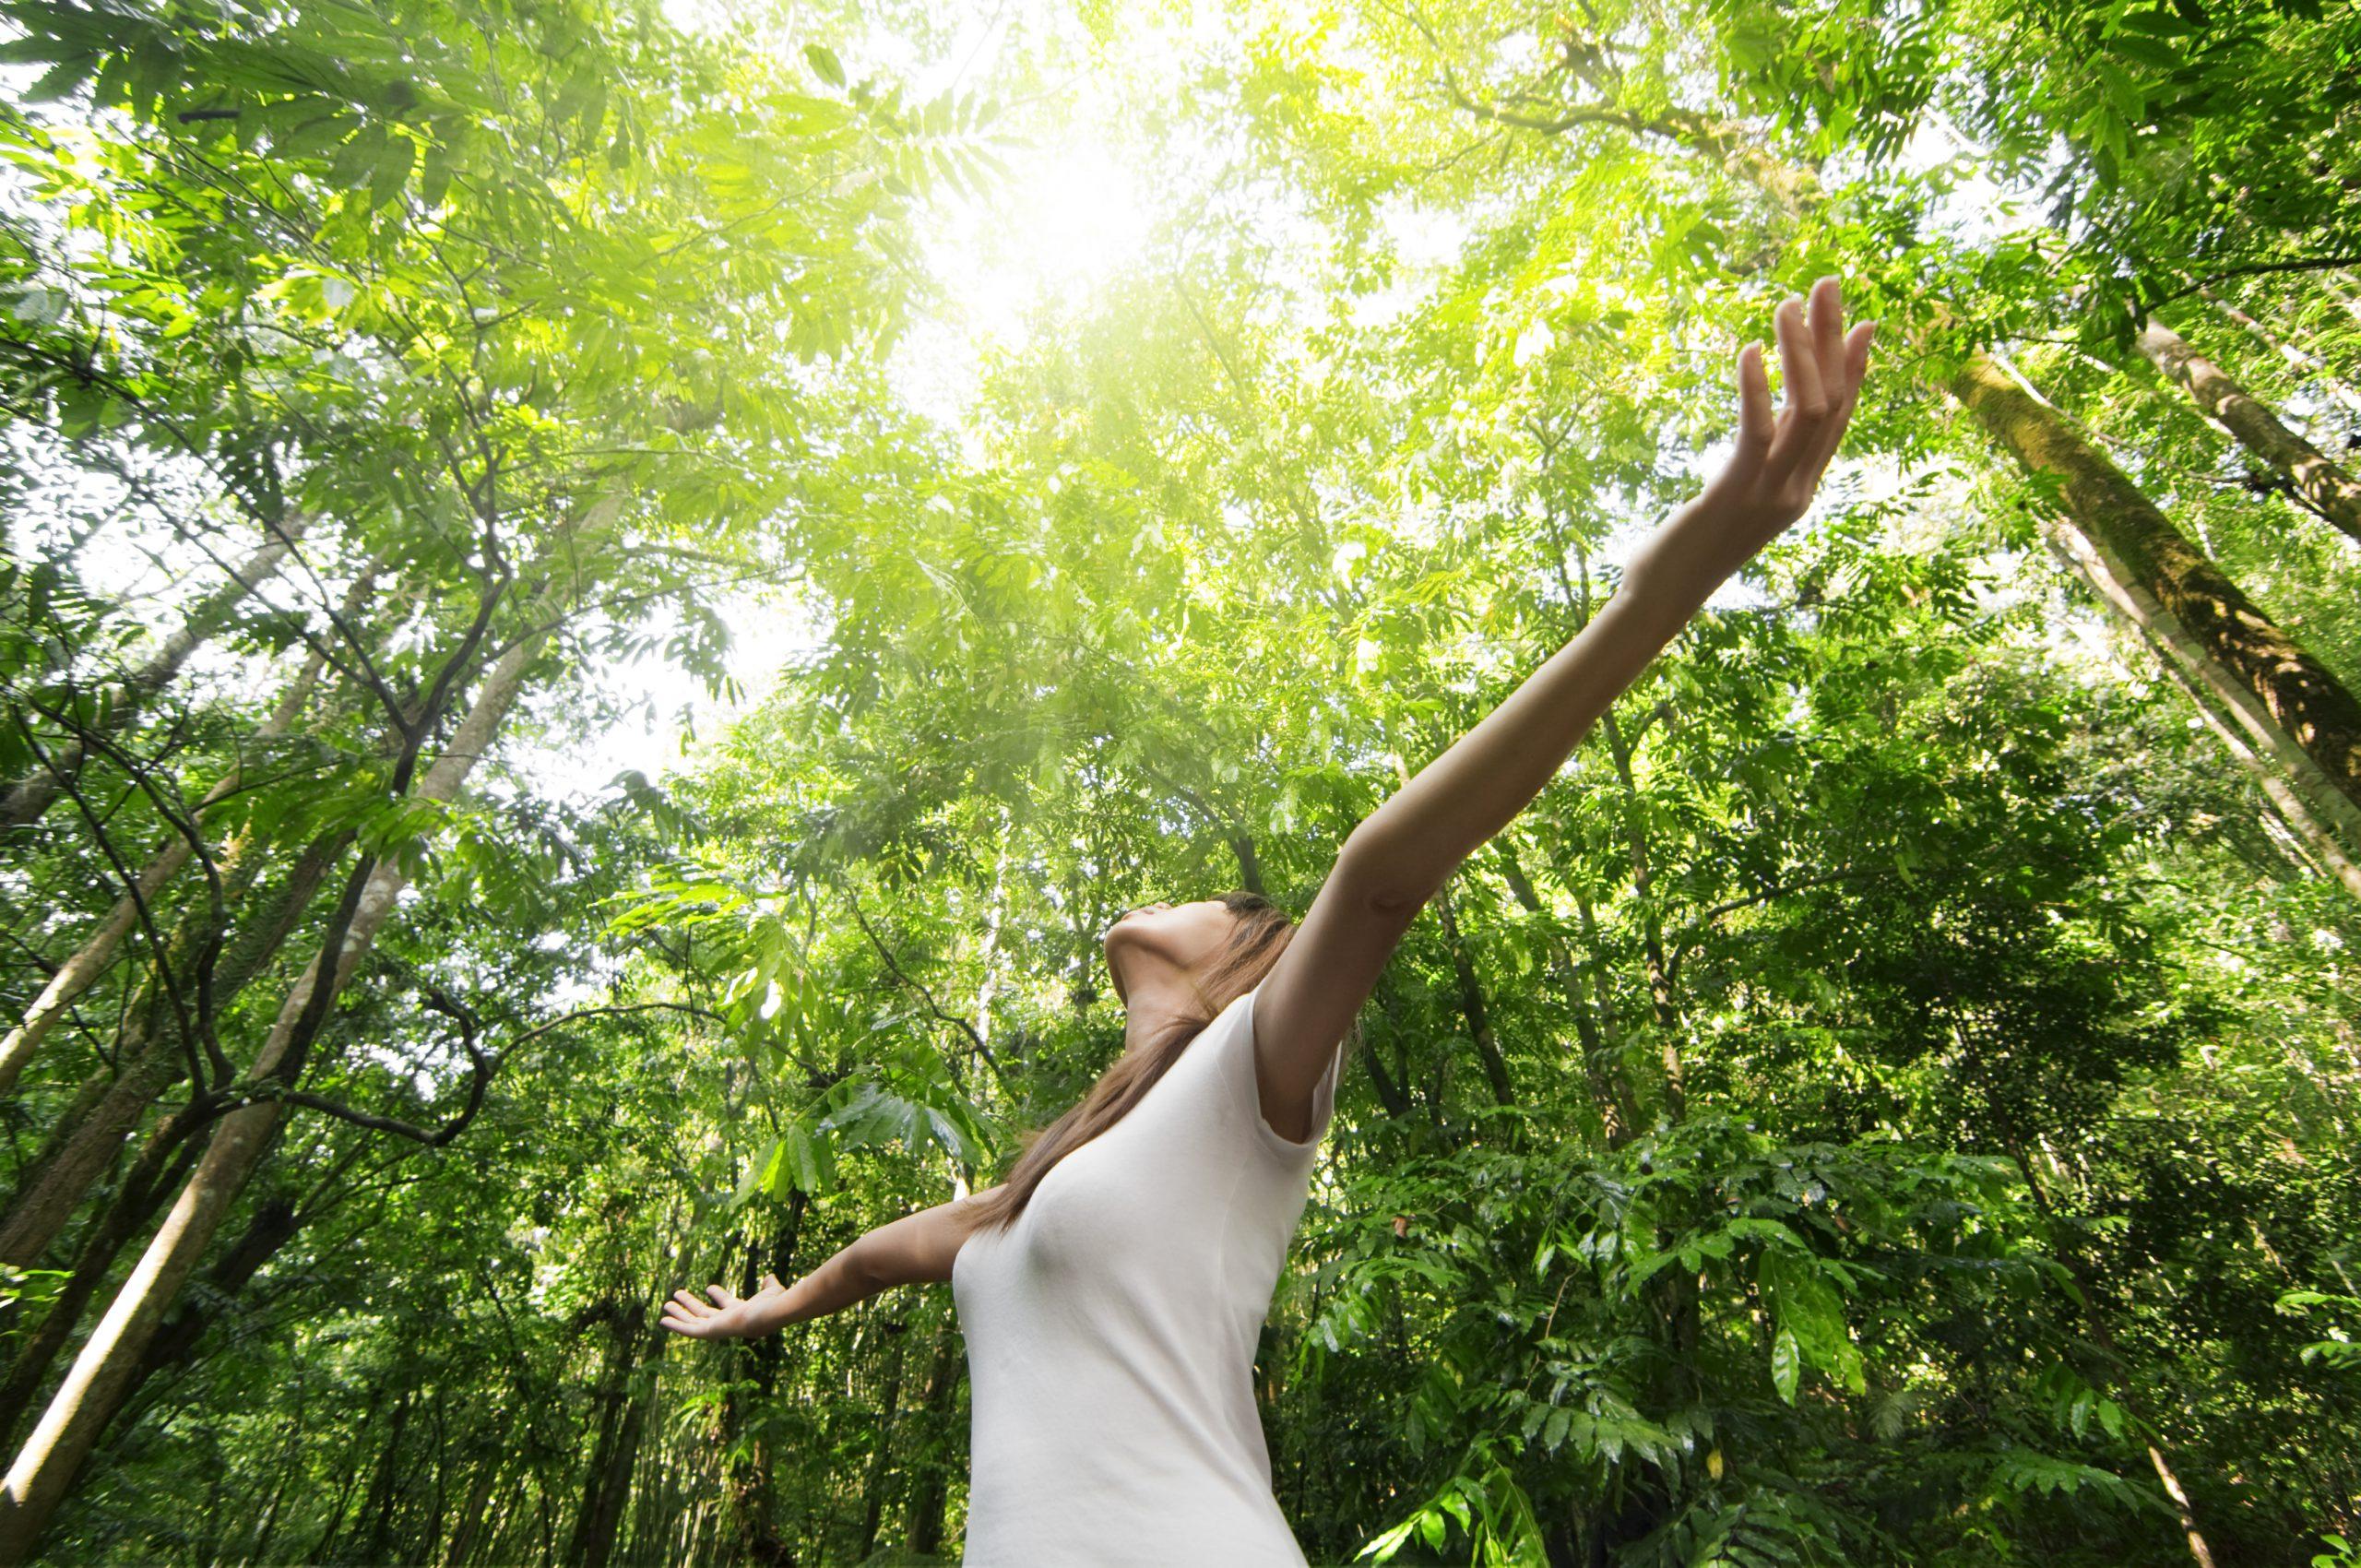 Frau mit offenen Armen im Wald